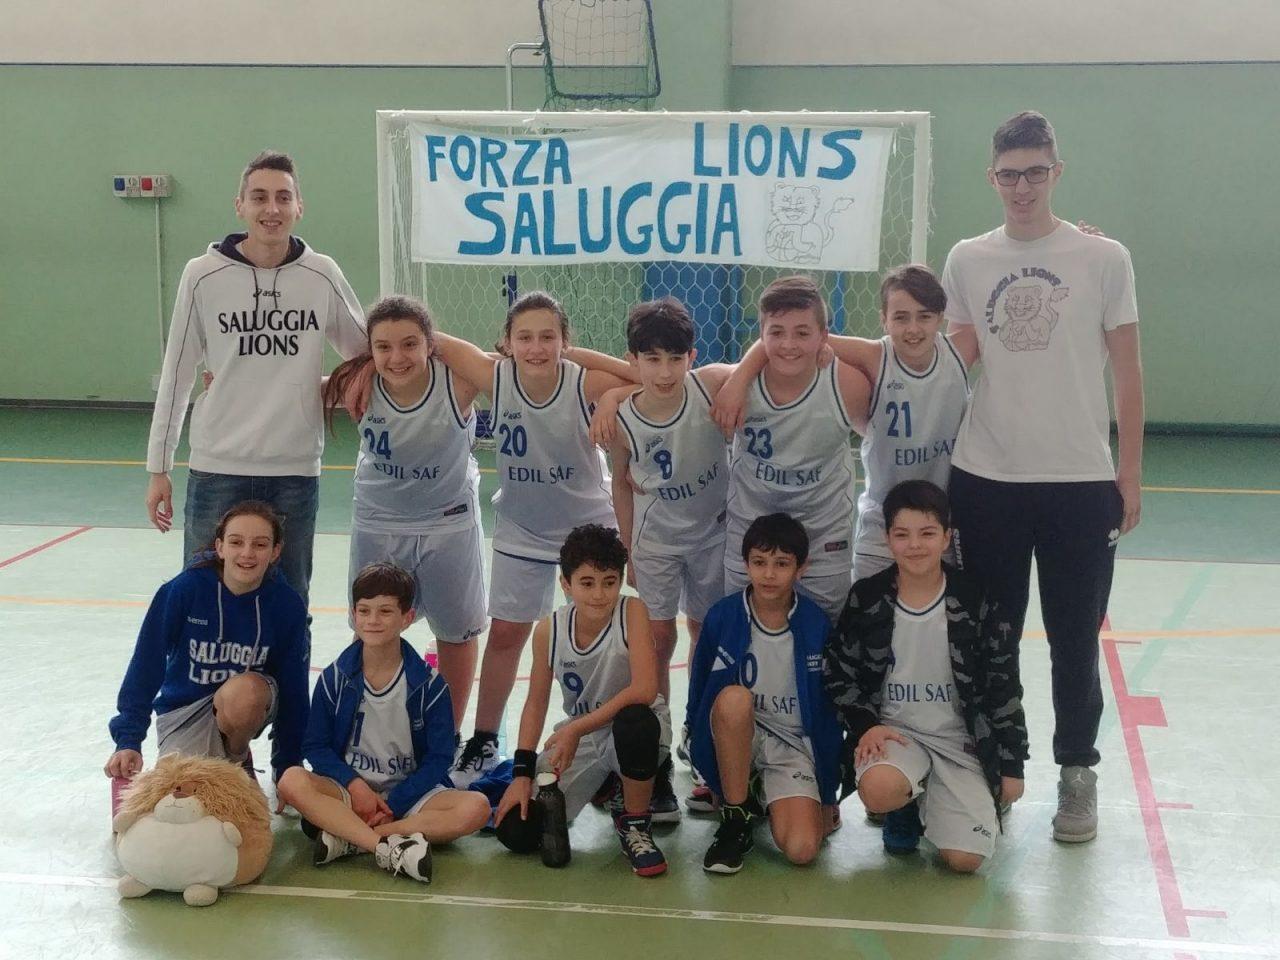 Piccoli campioni minibasket Saluggia